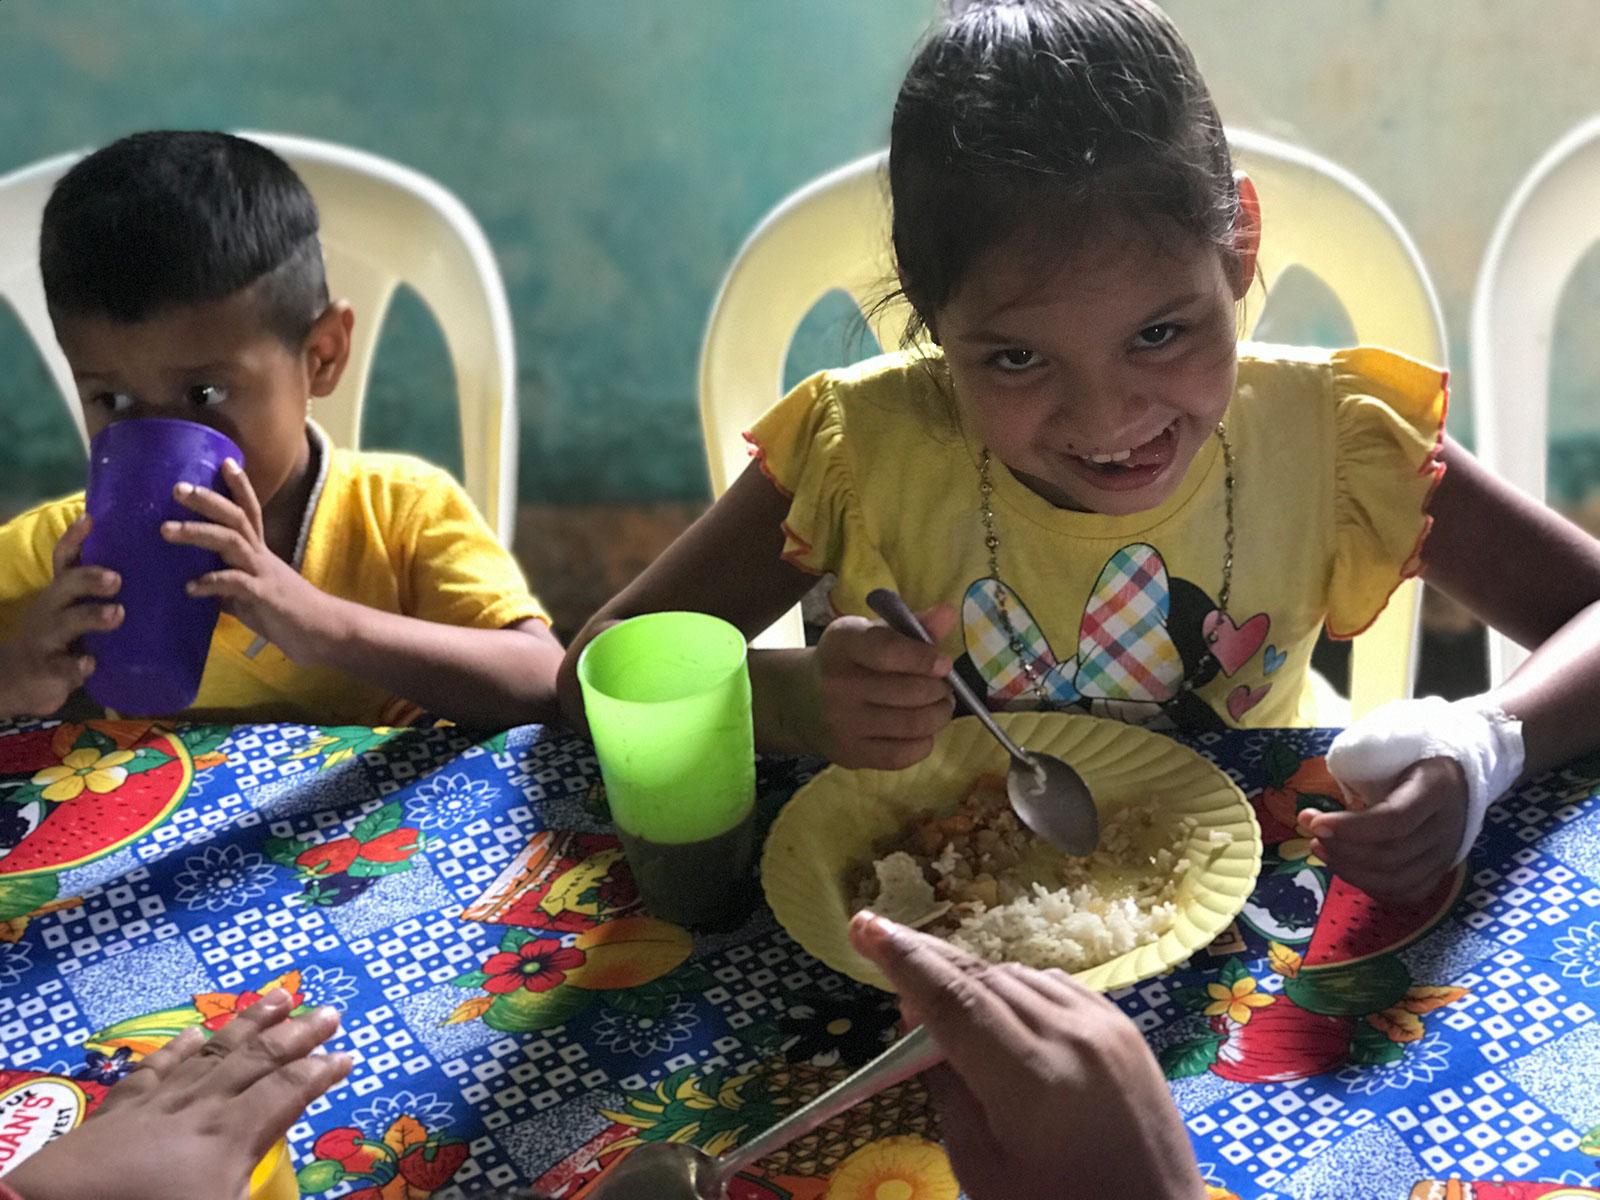 nicaragua_kids_eating